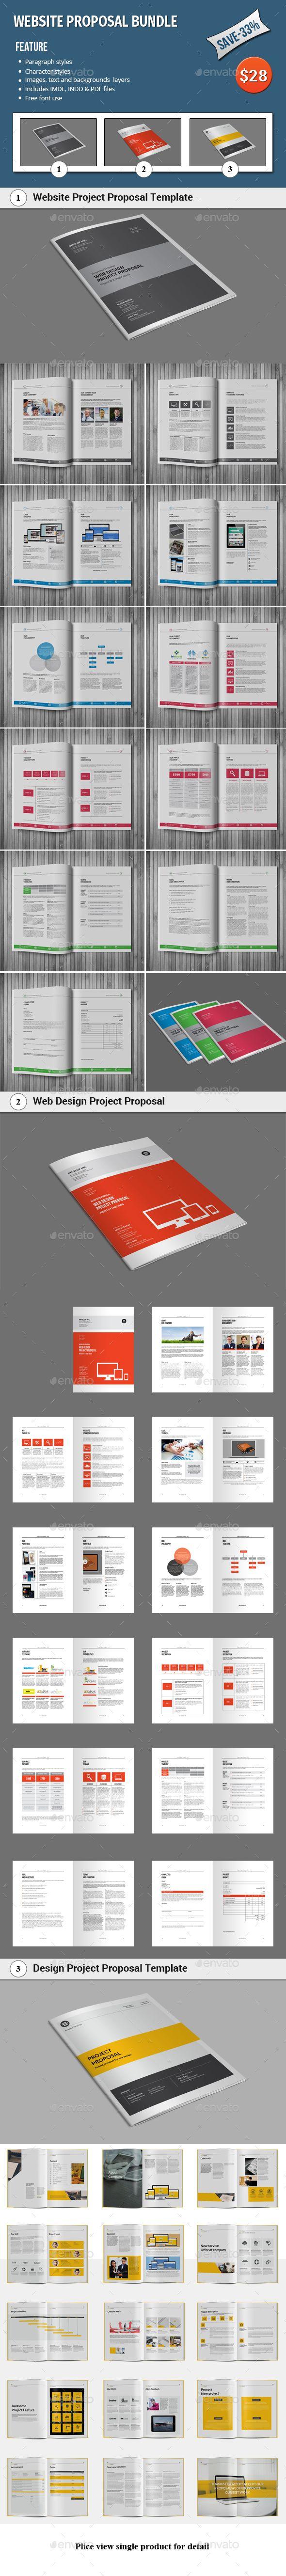 Website Proposal Bundle Templates InDesign INDD. Download here: http://graphicriver.net/item/website-proposal-bundle/16118076?ref=ksioks